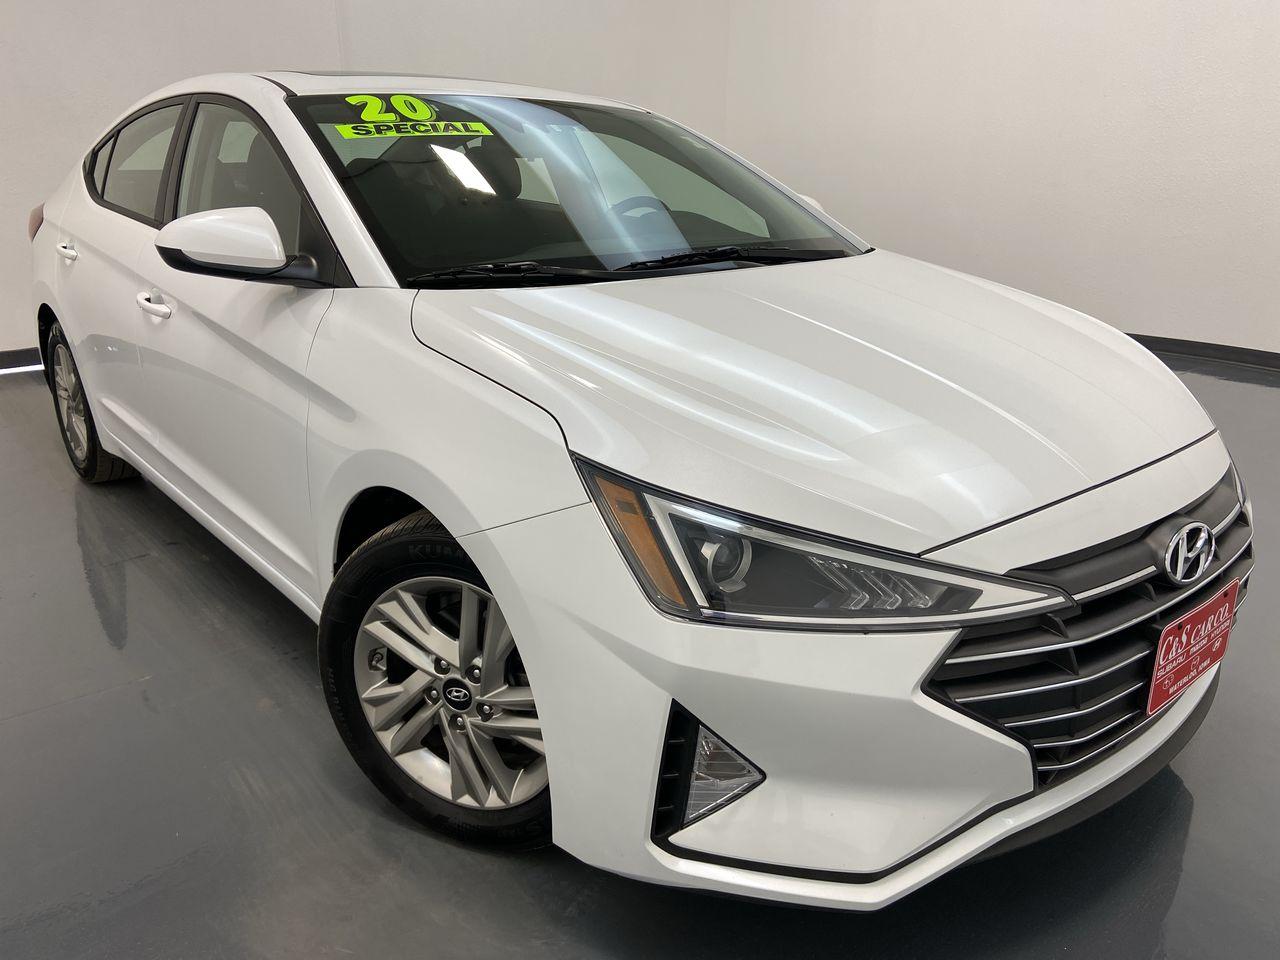 2020 Hyundai Elantra  - HY8435A  - C & S Car Company